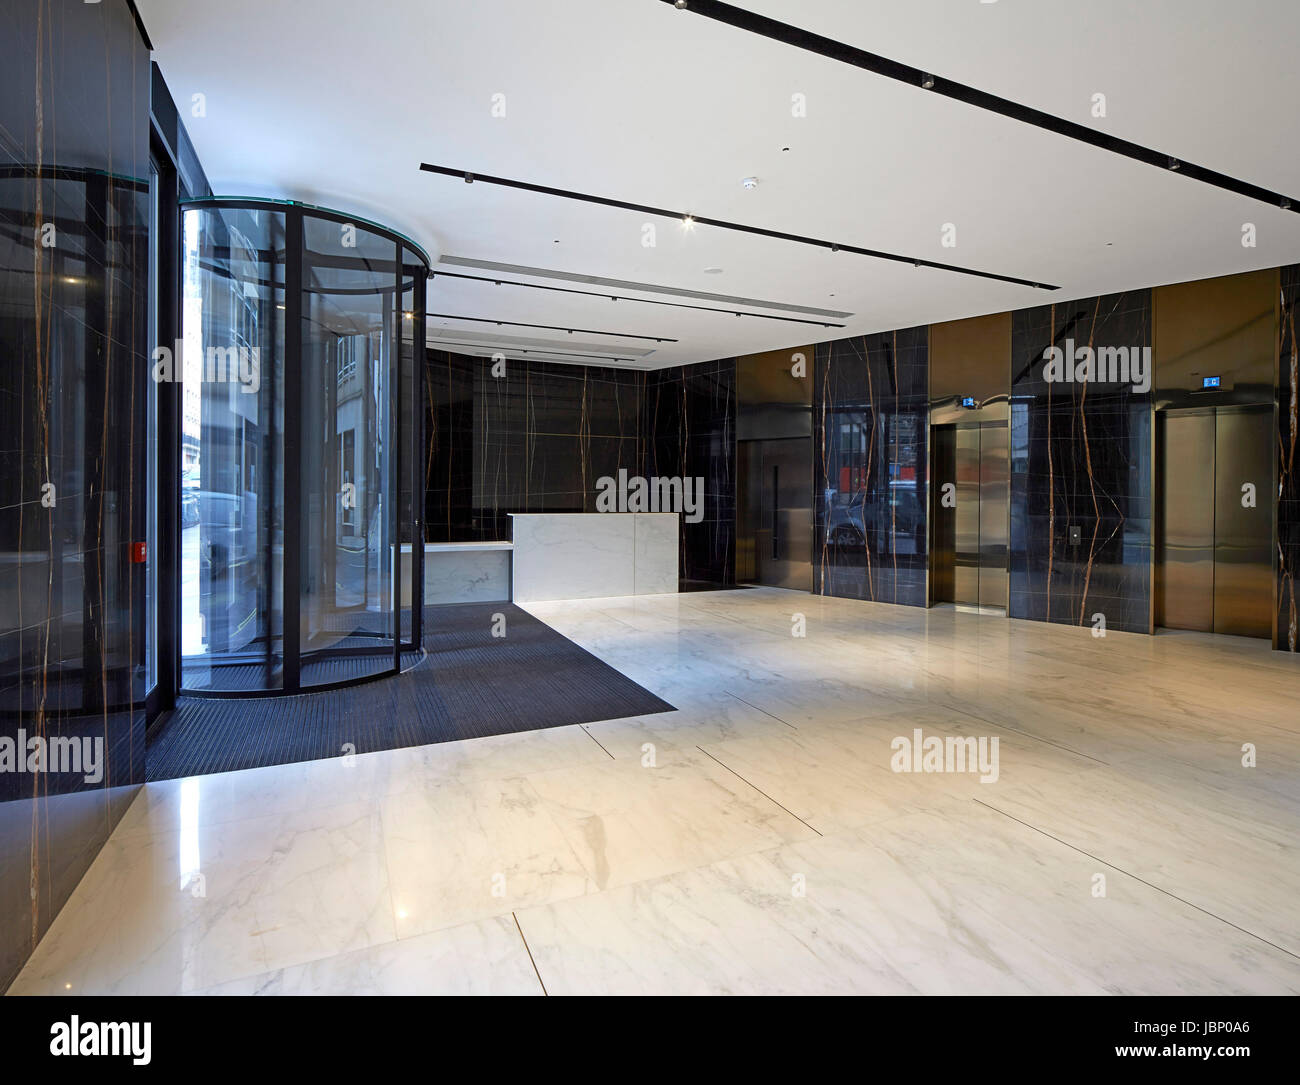 Reception area. 24 Saville Row, London, United Kingdom. Architect: EPR Architects Limited, 2017. - Stock Image